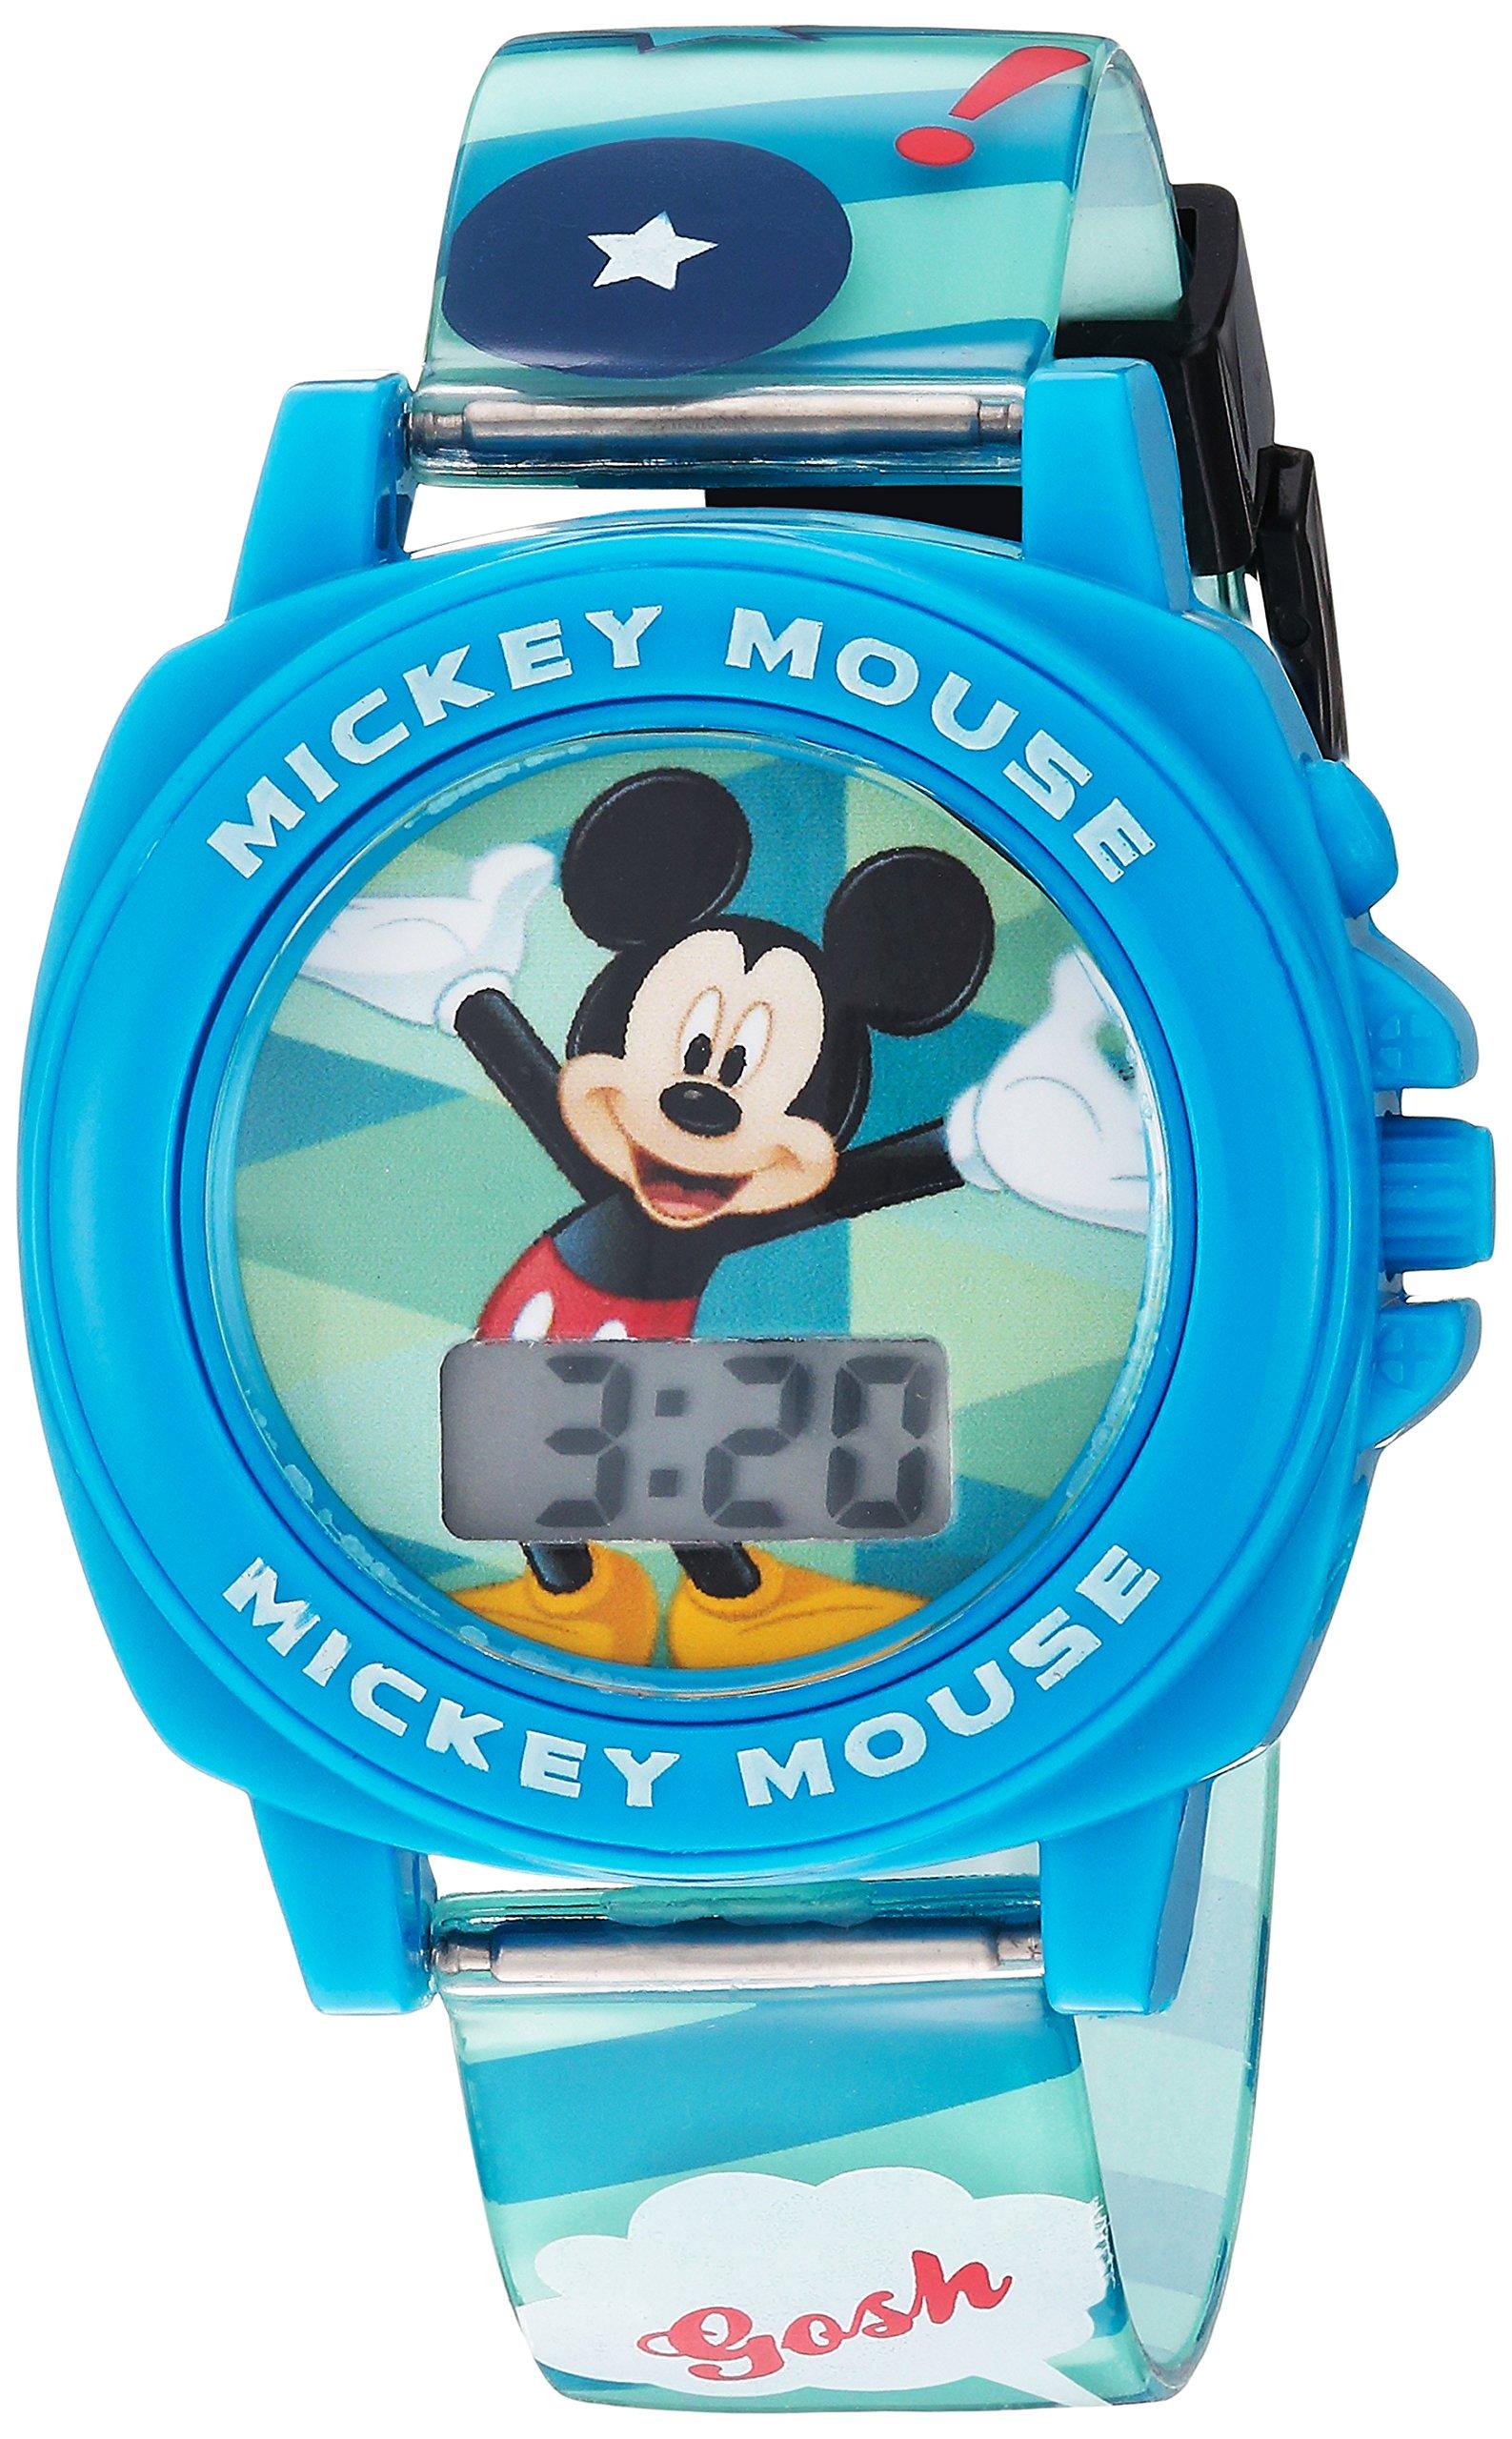 Disney Boy's Digital Plastic Casual Watch, Color:Blue (Model: MK1328) by Disney